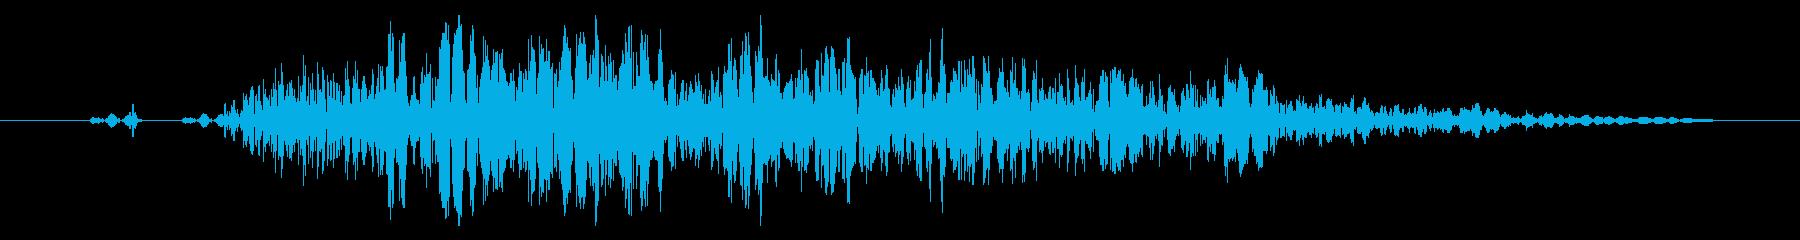 【打撃音14】パンチやキックに最適です!の再生済みの波形